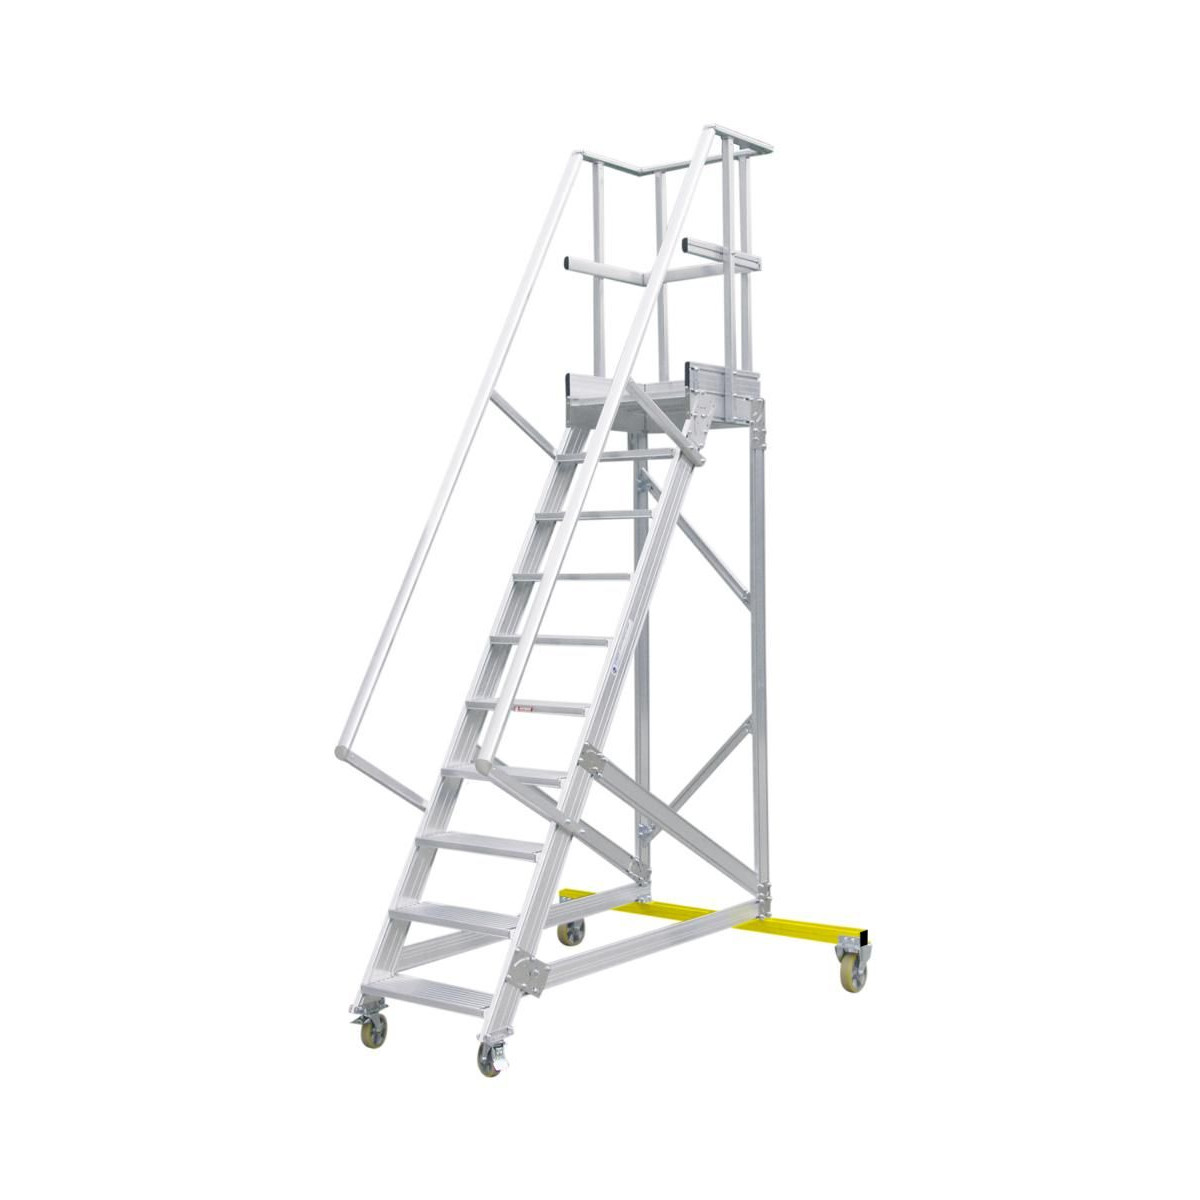 HYMER Podesttreppe fahrbar, Treppenneigung 60°, Stufenbreite 600 mm